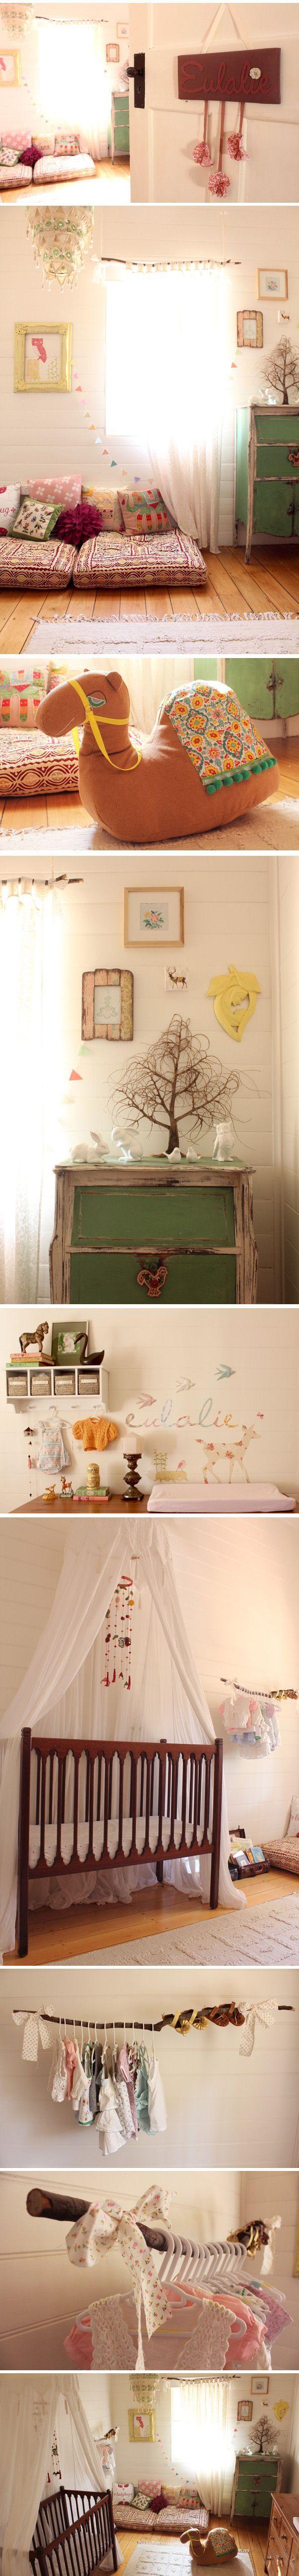 Bebek Odaları için Dekorasyon Önerileri | Yaşam Tonu